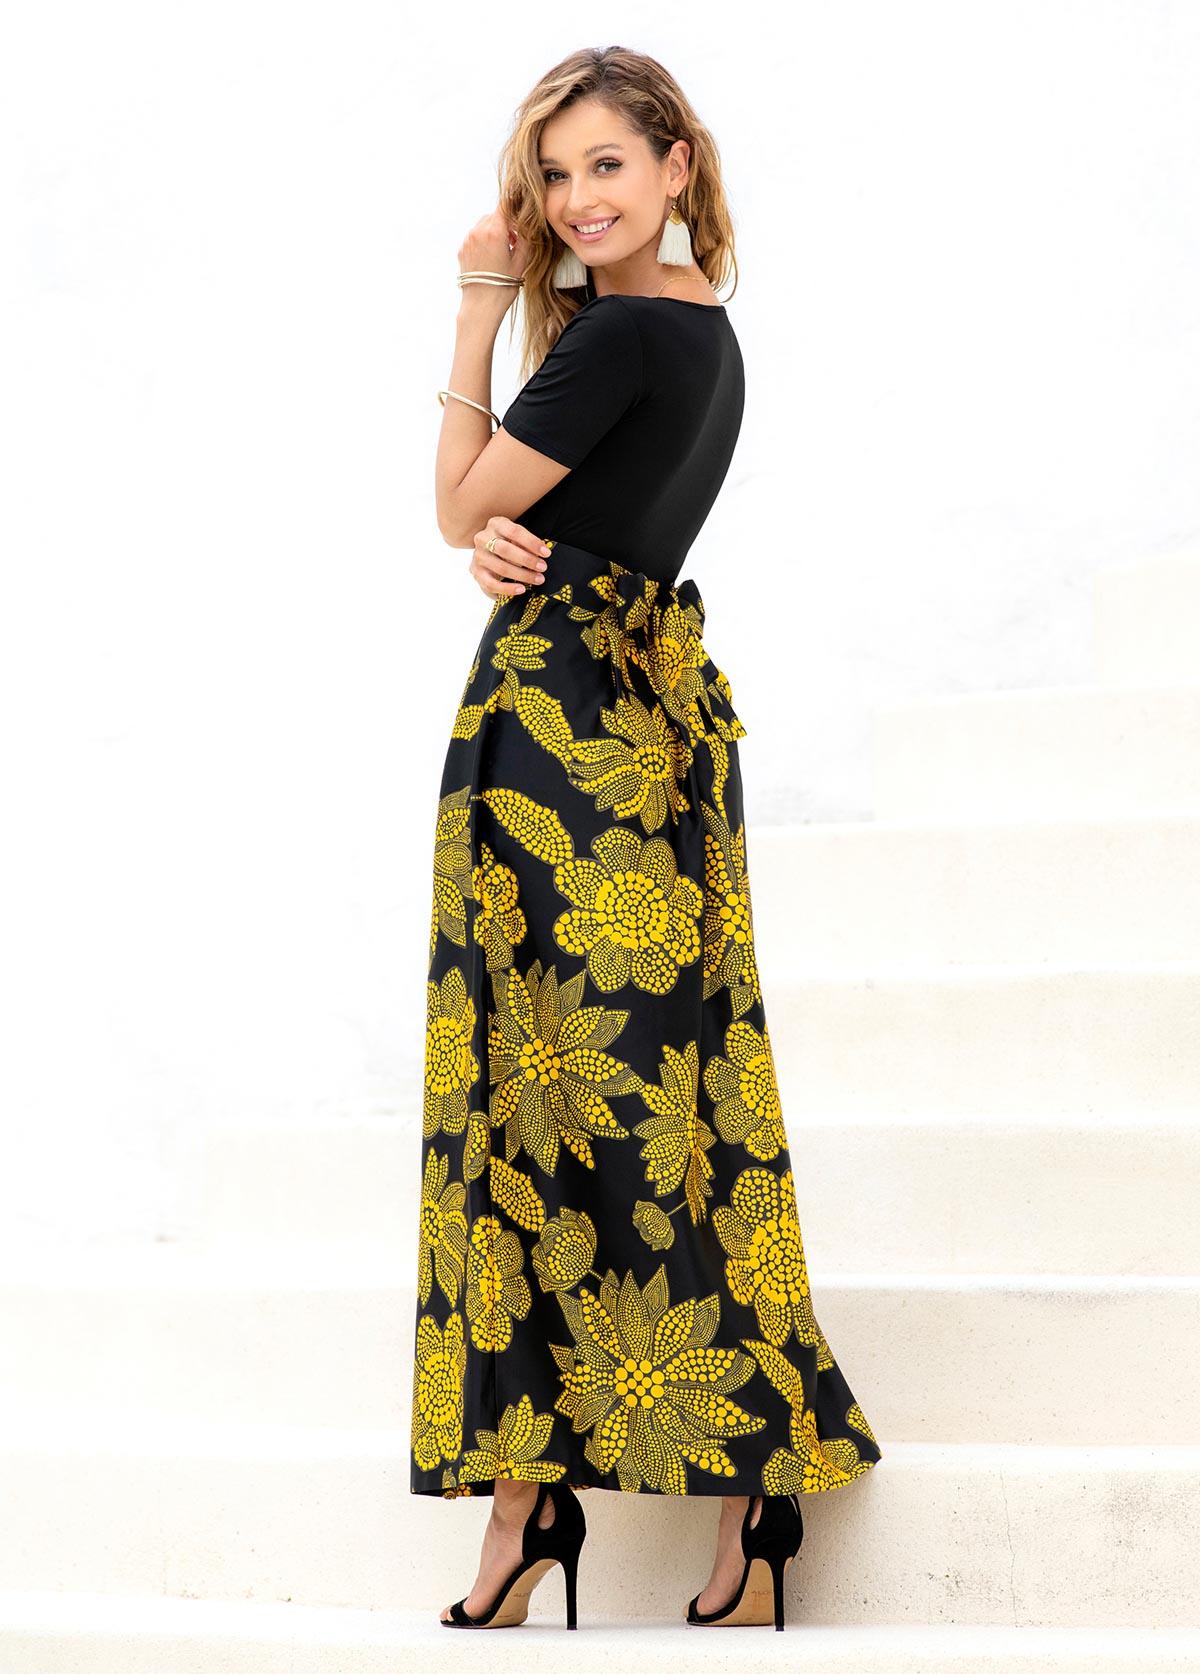 Floral Print V Neck Short Sleeve Dress